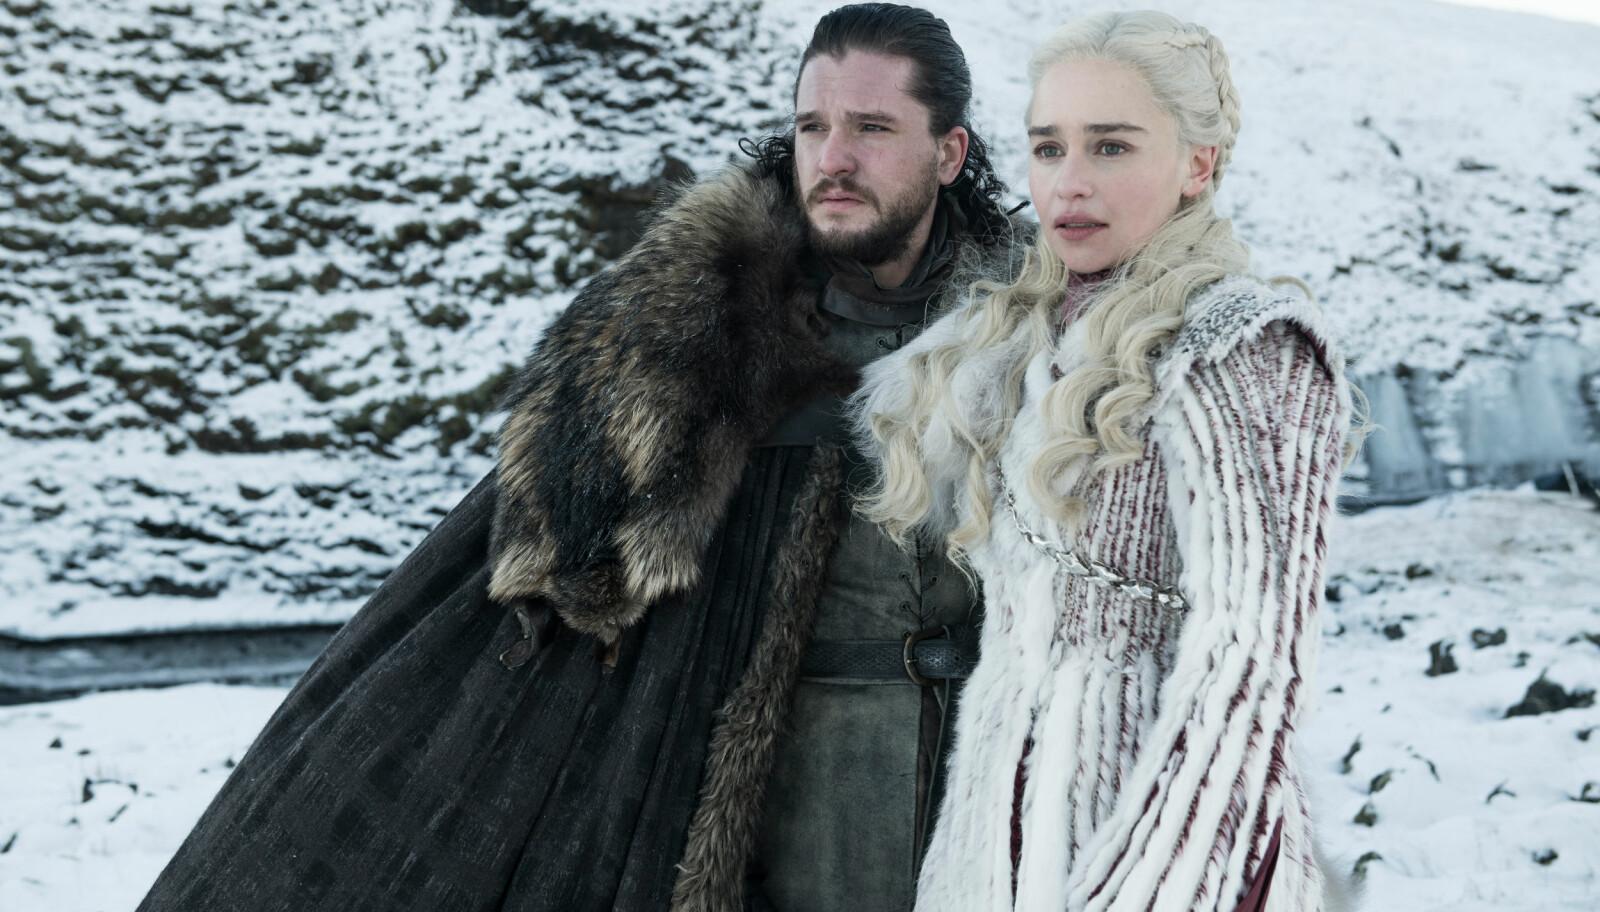 SNART TILBAKE PÅ SKJERMEN: Kit Harington i rollen som Jon Snow og Emilia Clarke som Daenerys Targaryen på et av de første bildene fra sesong åtte av «Game of Thrones».